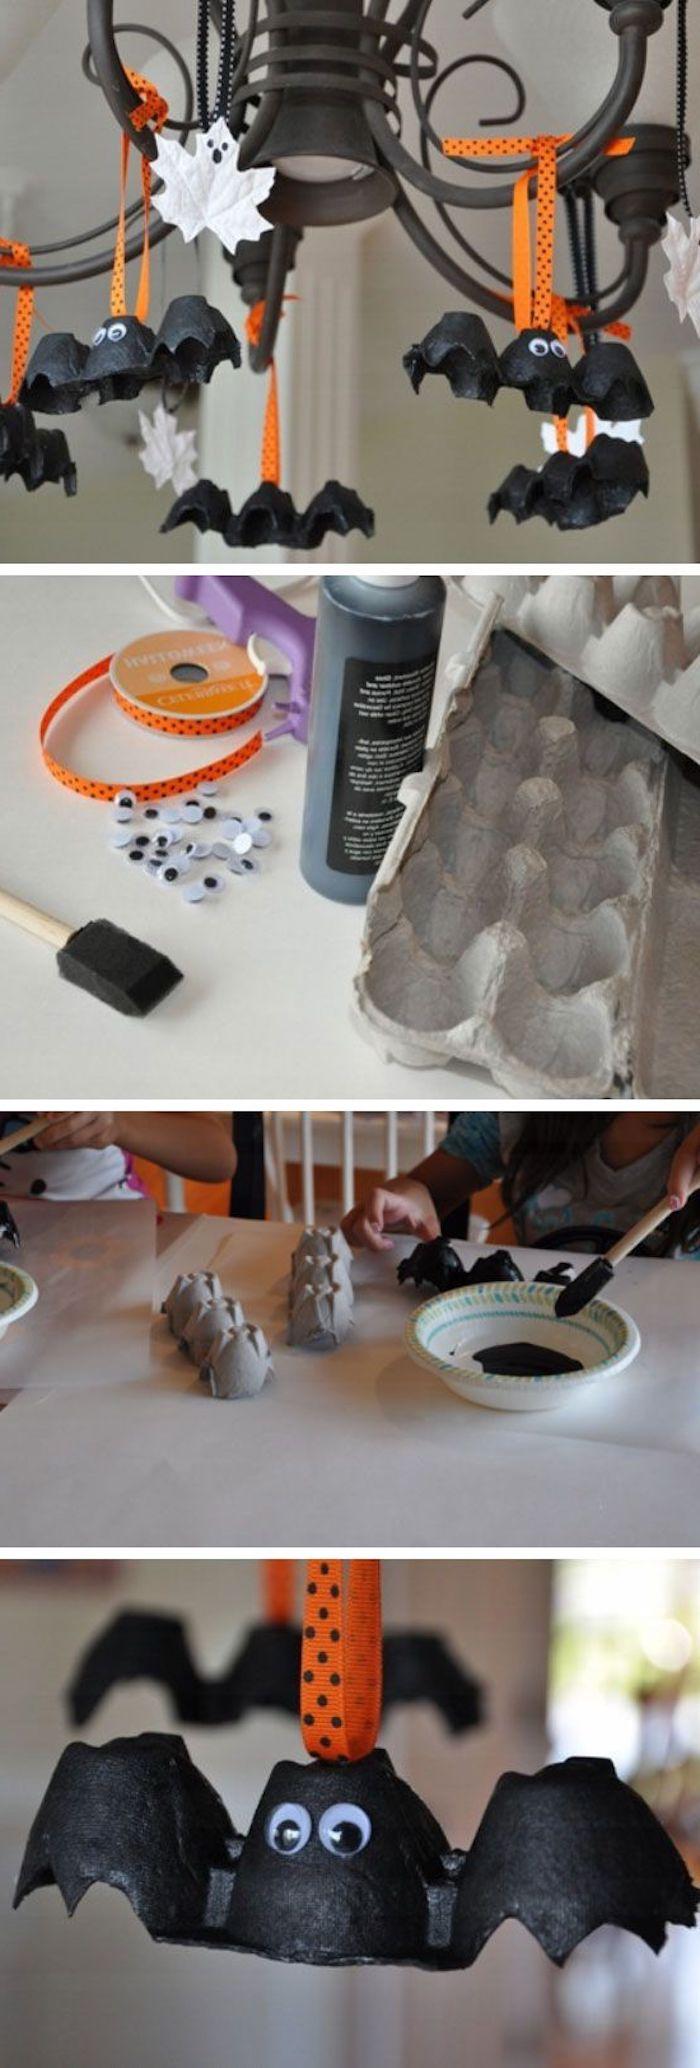 wie ein paar lustige Fledermäuse aus Eierkarton zu basteln - Halloween Deko selber machen